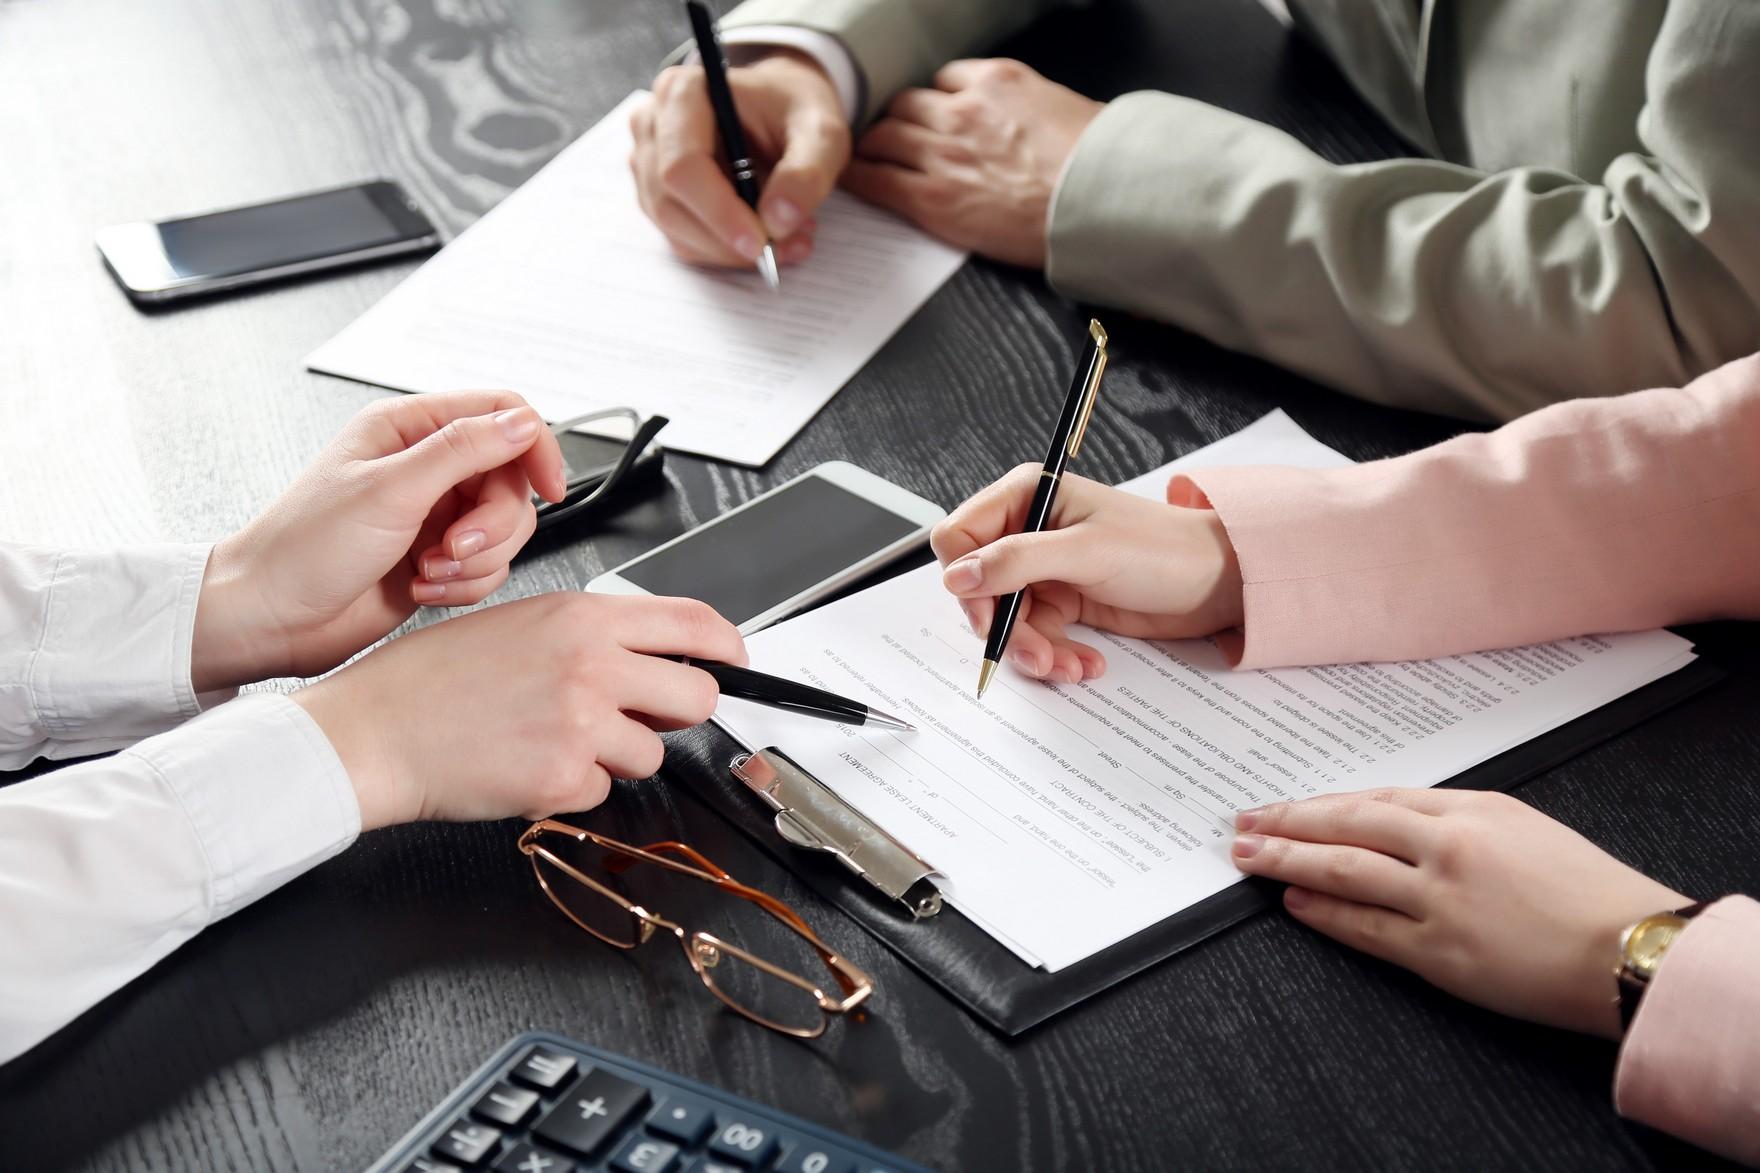 Заключение договора с клиентом календарь бухгалтера на 2021 год для ооо на усн